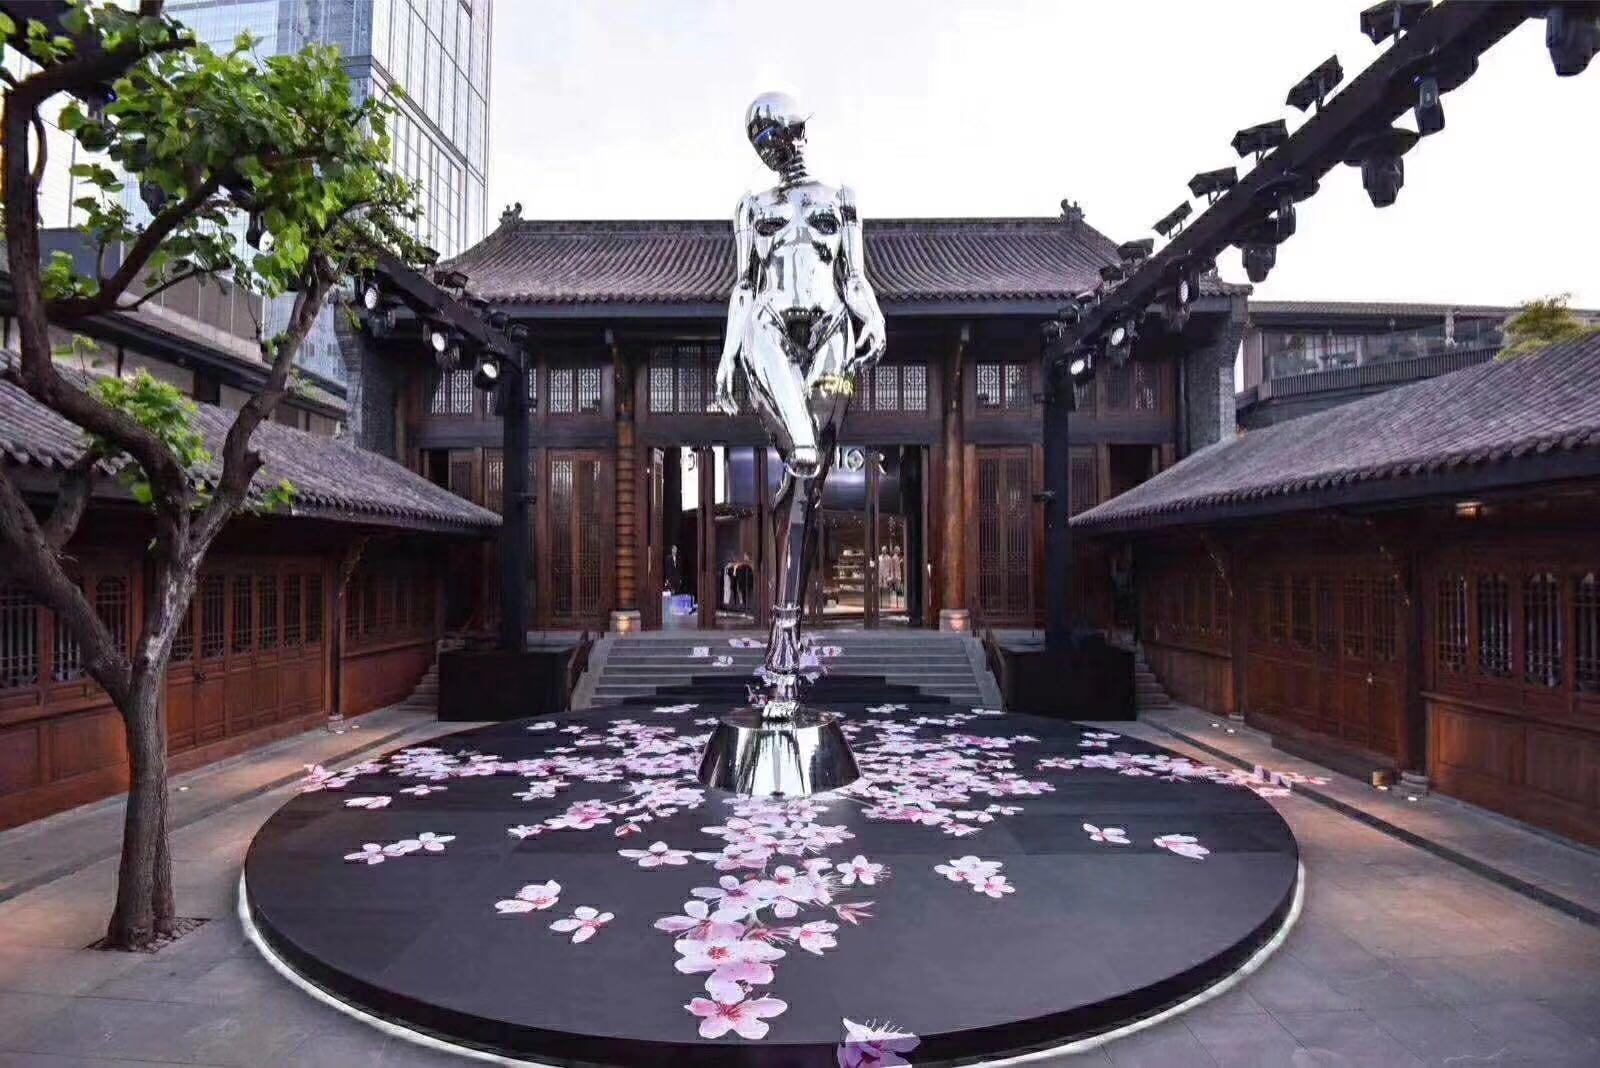 不锈钢雕塑有什么特点?